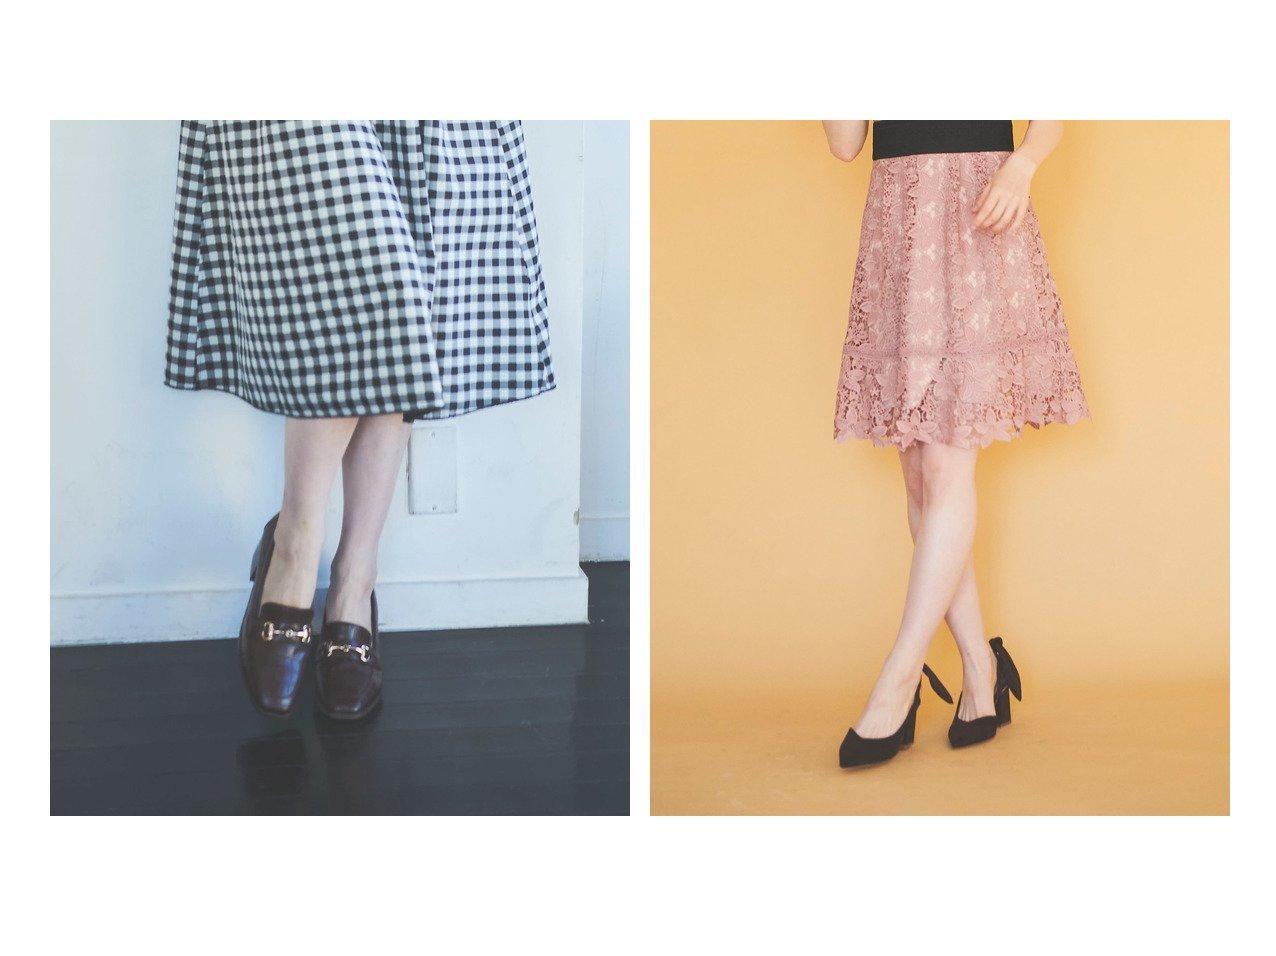 【31 Sons de mode/トランテアン ソン ドゥ モード】のフェイクスエードバックリボンストラップパンプス&フェイククロコビットローファー 31 Sons de modeのおすすめ!人気、トレンド・レディースファッションの通販 おすすめで人気の流行・トレンド、ファッションの通販商品 メンズファッション・キッズファッション・インテリア・家具・レディースファッション・服の通販 founy(ファニー) https://founy.com/ ファッション Fashion レディースファッション WOMEN NEW・新作・新着・新入荷 New Arrivals 2021年 2021 2021 春夏 S/S SS Spring/Summer 2021 S/S 春夏 SS Spring/Summer クロコ シューズ フラット スカーフ スクエア フェイクスウェード リボン |ID:crp329100000020118